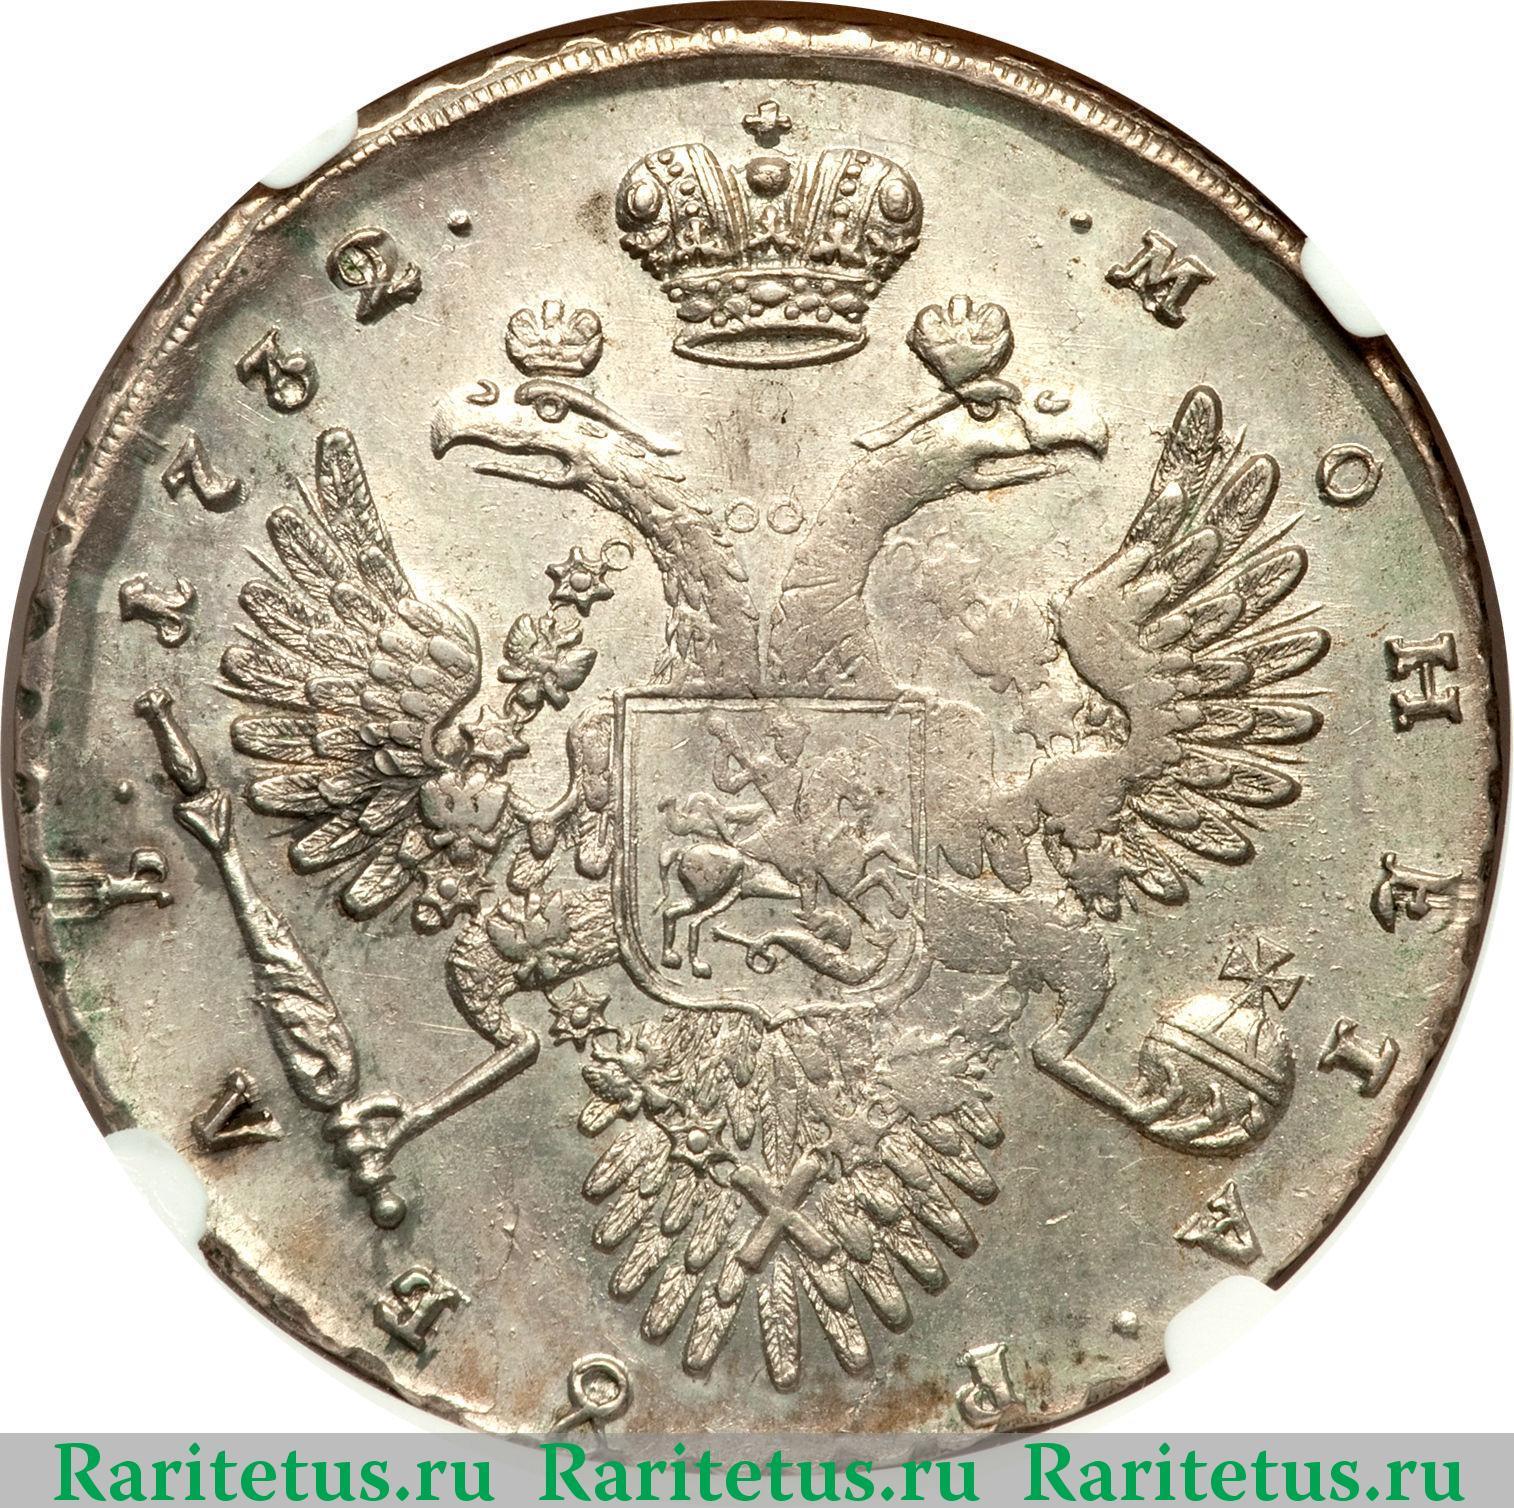 Реверс монеты 1 рубль 1732 года простой, ...